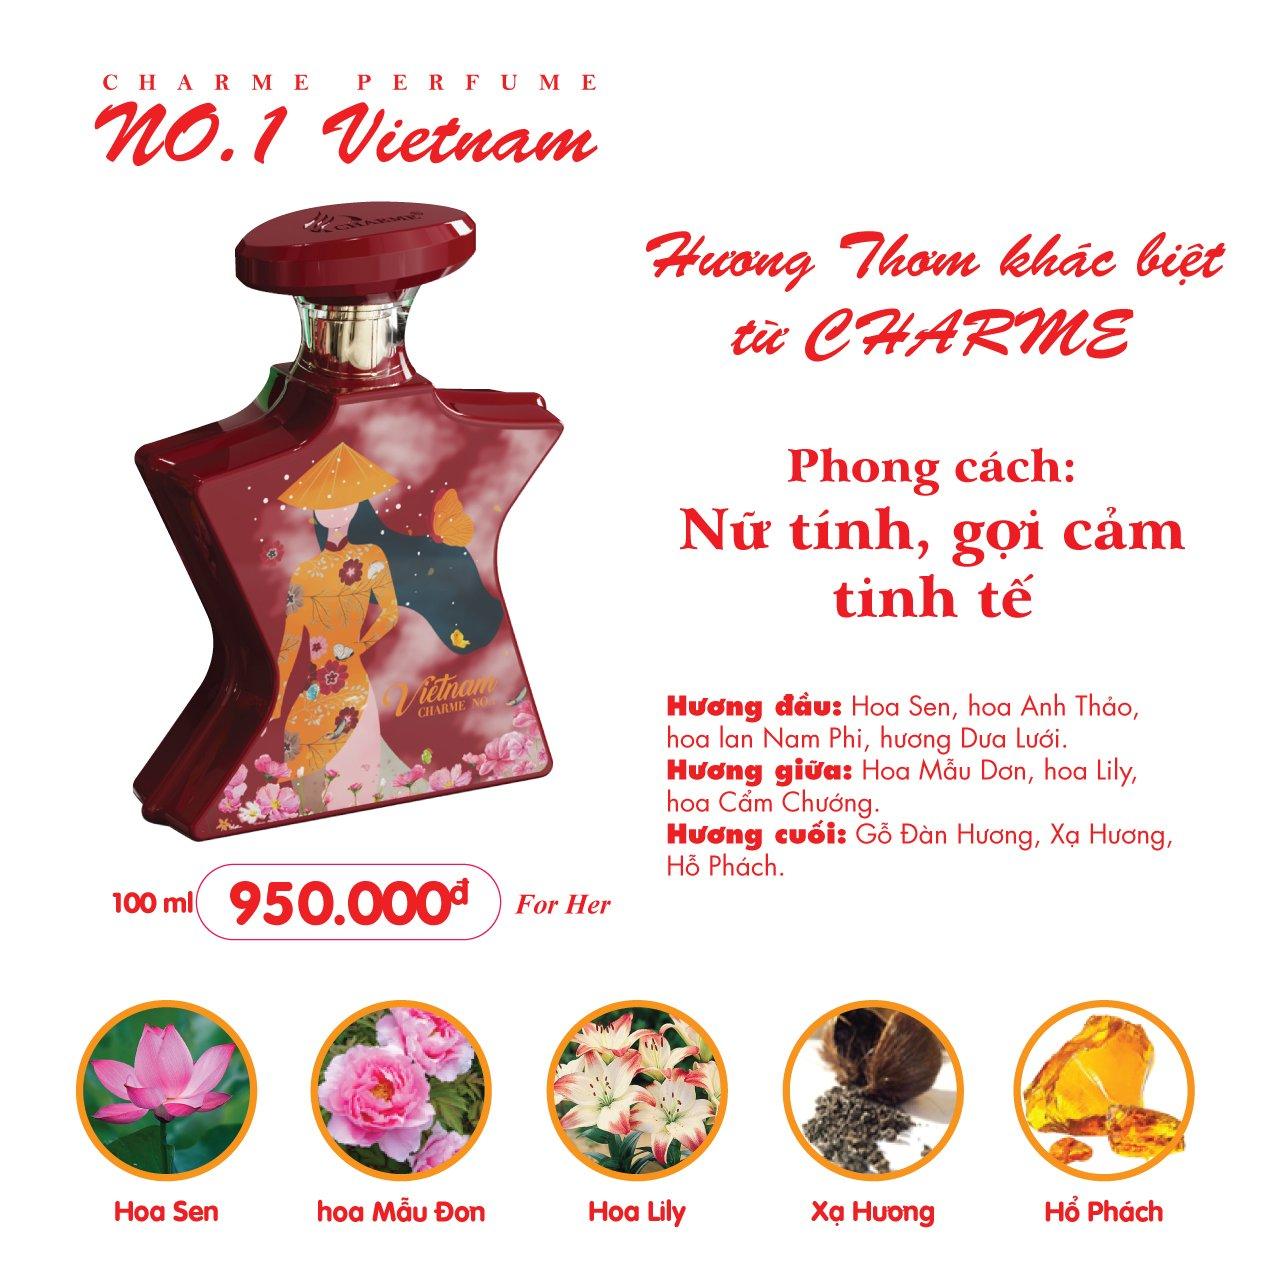 Nước Hoa Charme No.1 Vietnam 100ml Nữ Chính Hãng✅Tặng Quà Hấp Dẫn